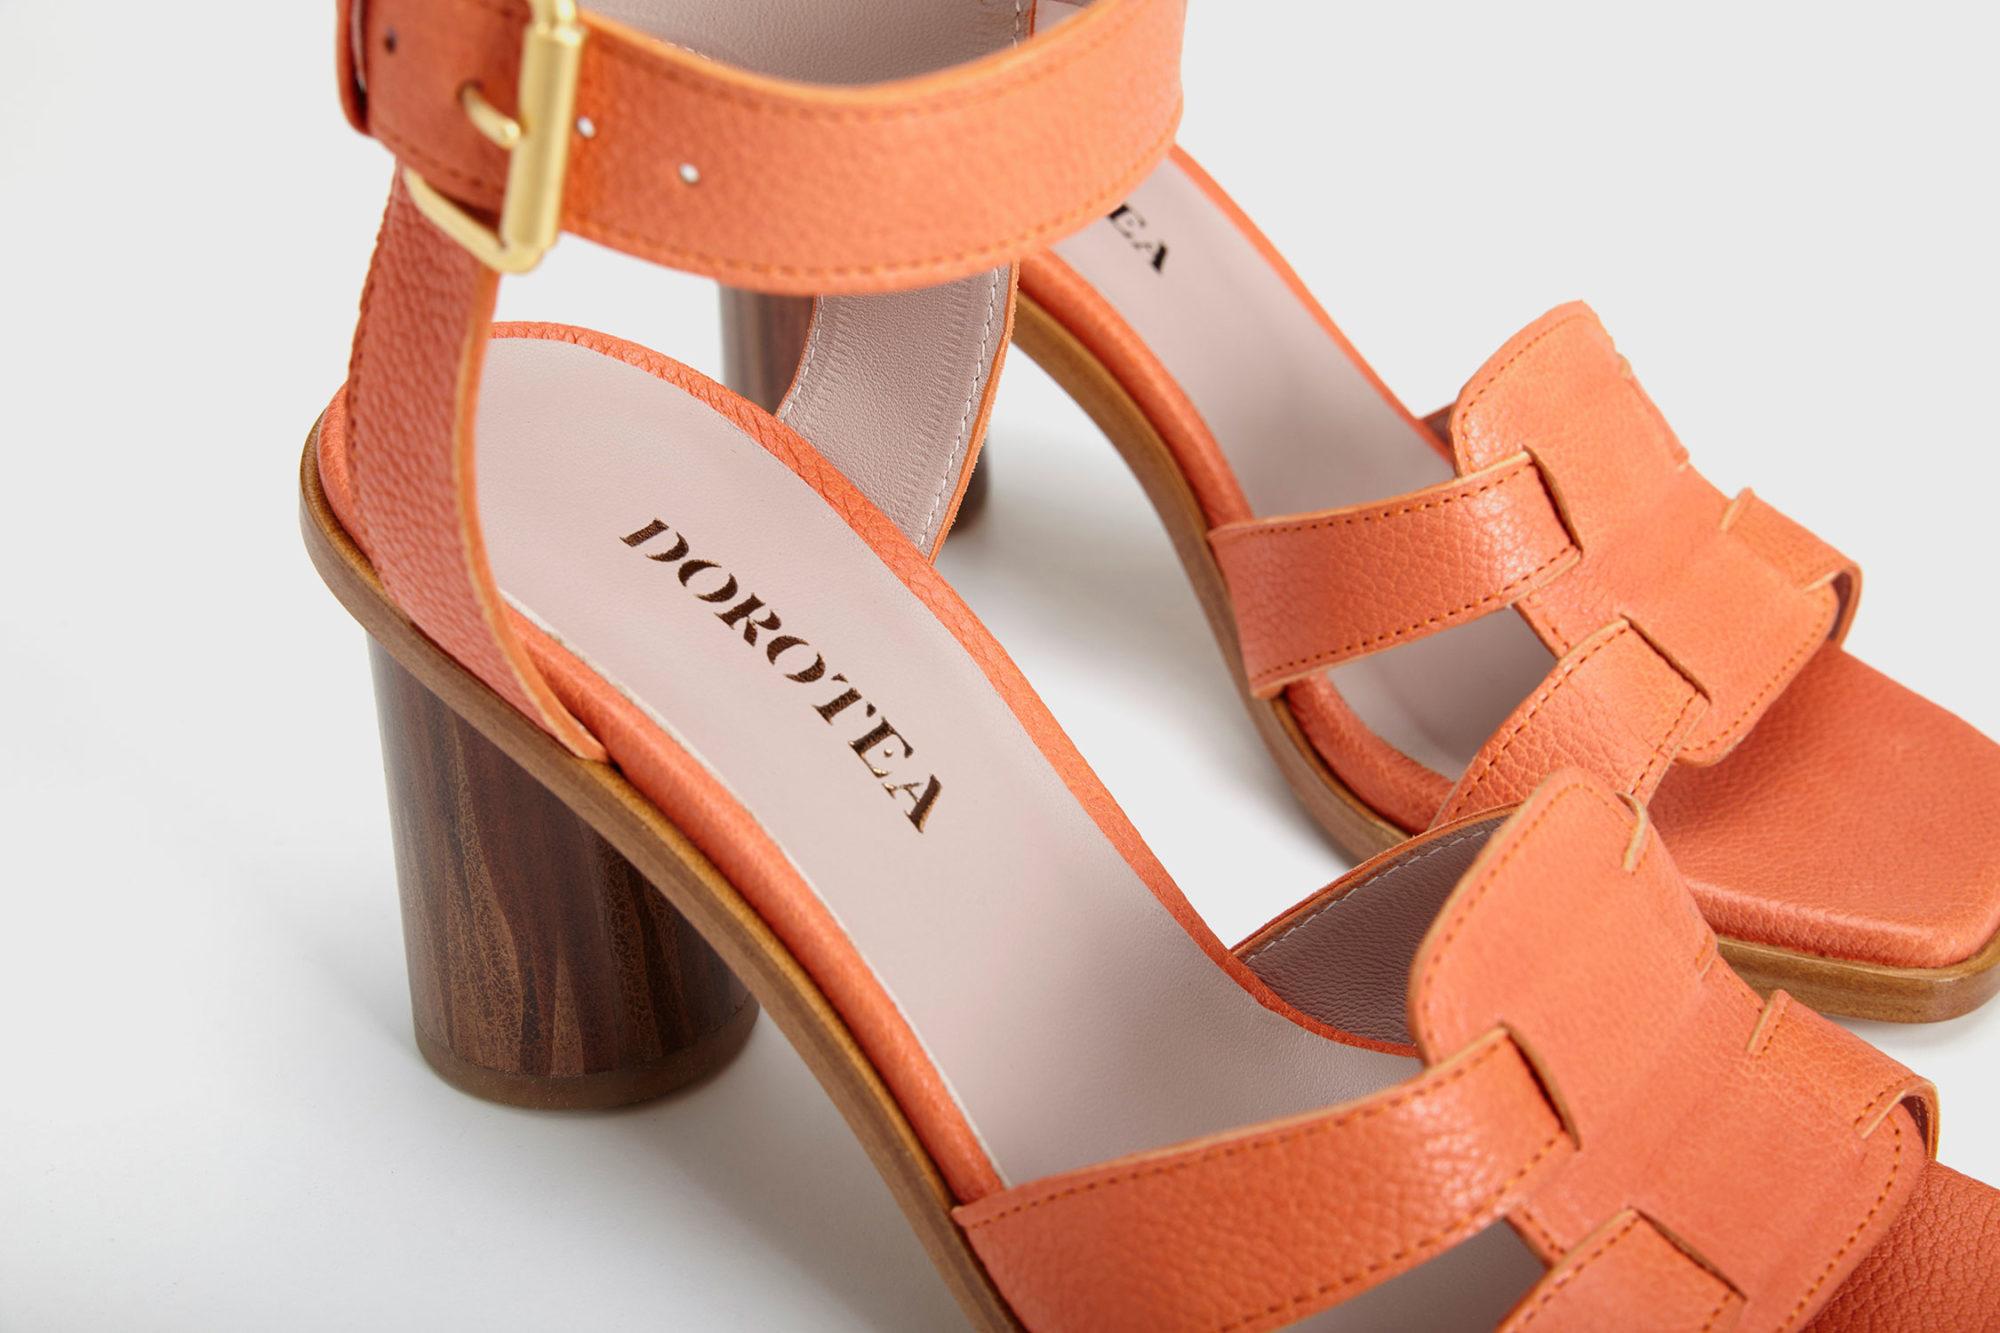 Dorotea sandalia de tacón alto citrus ss18 detalle